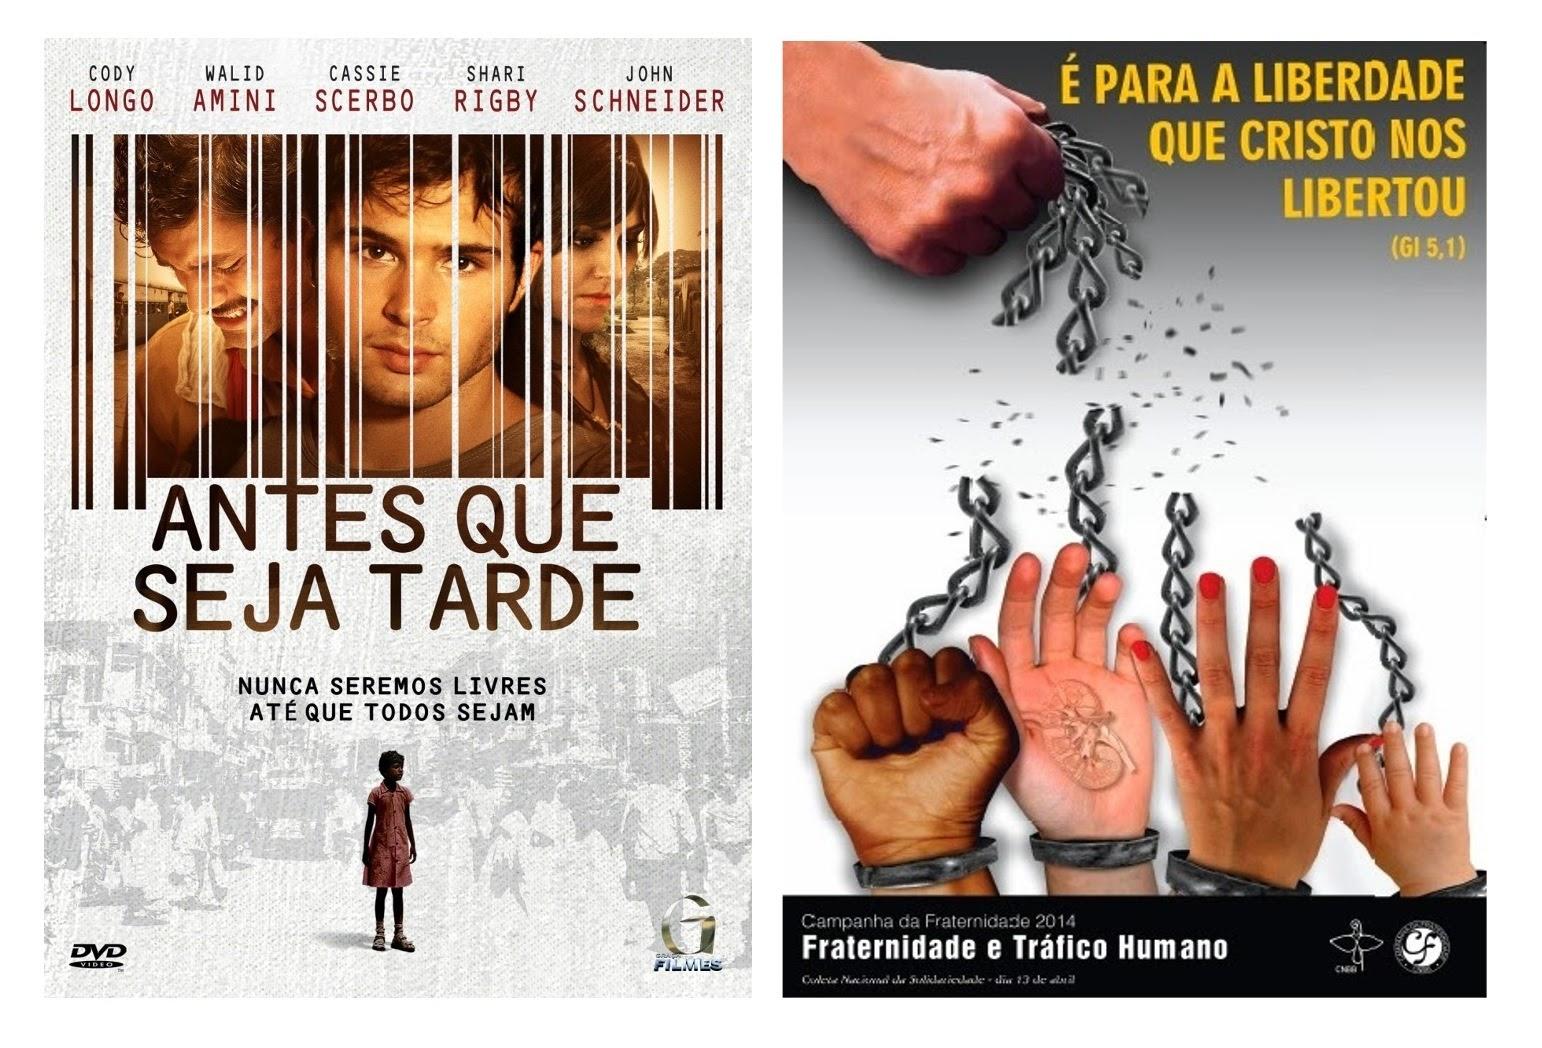 MANUAL DE CATALOGAÇÃO DE FILMES